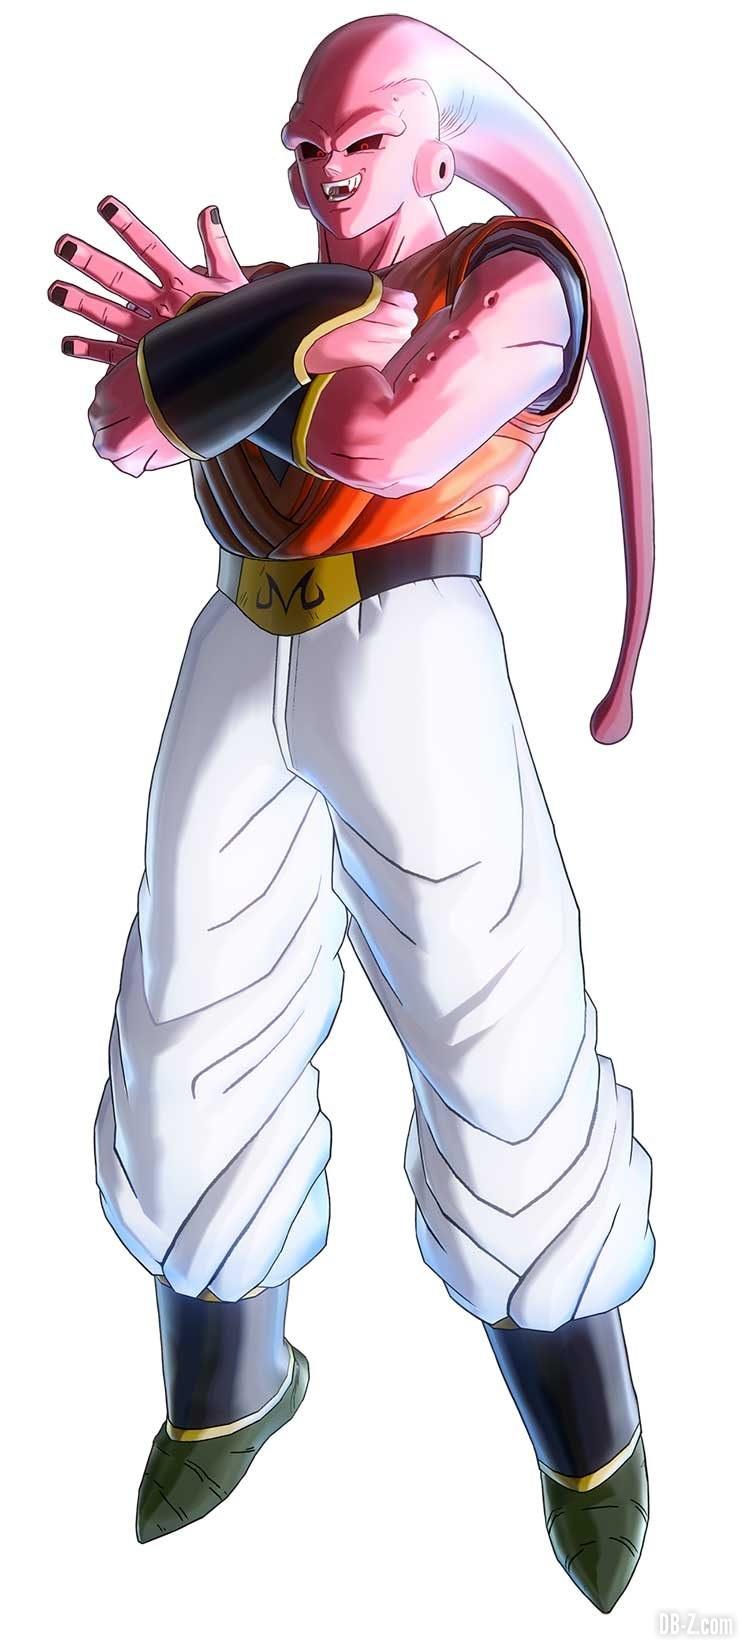 Buuhan 2 Dragon Ball Xenoverse 2